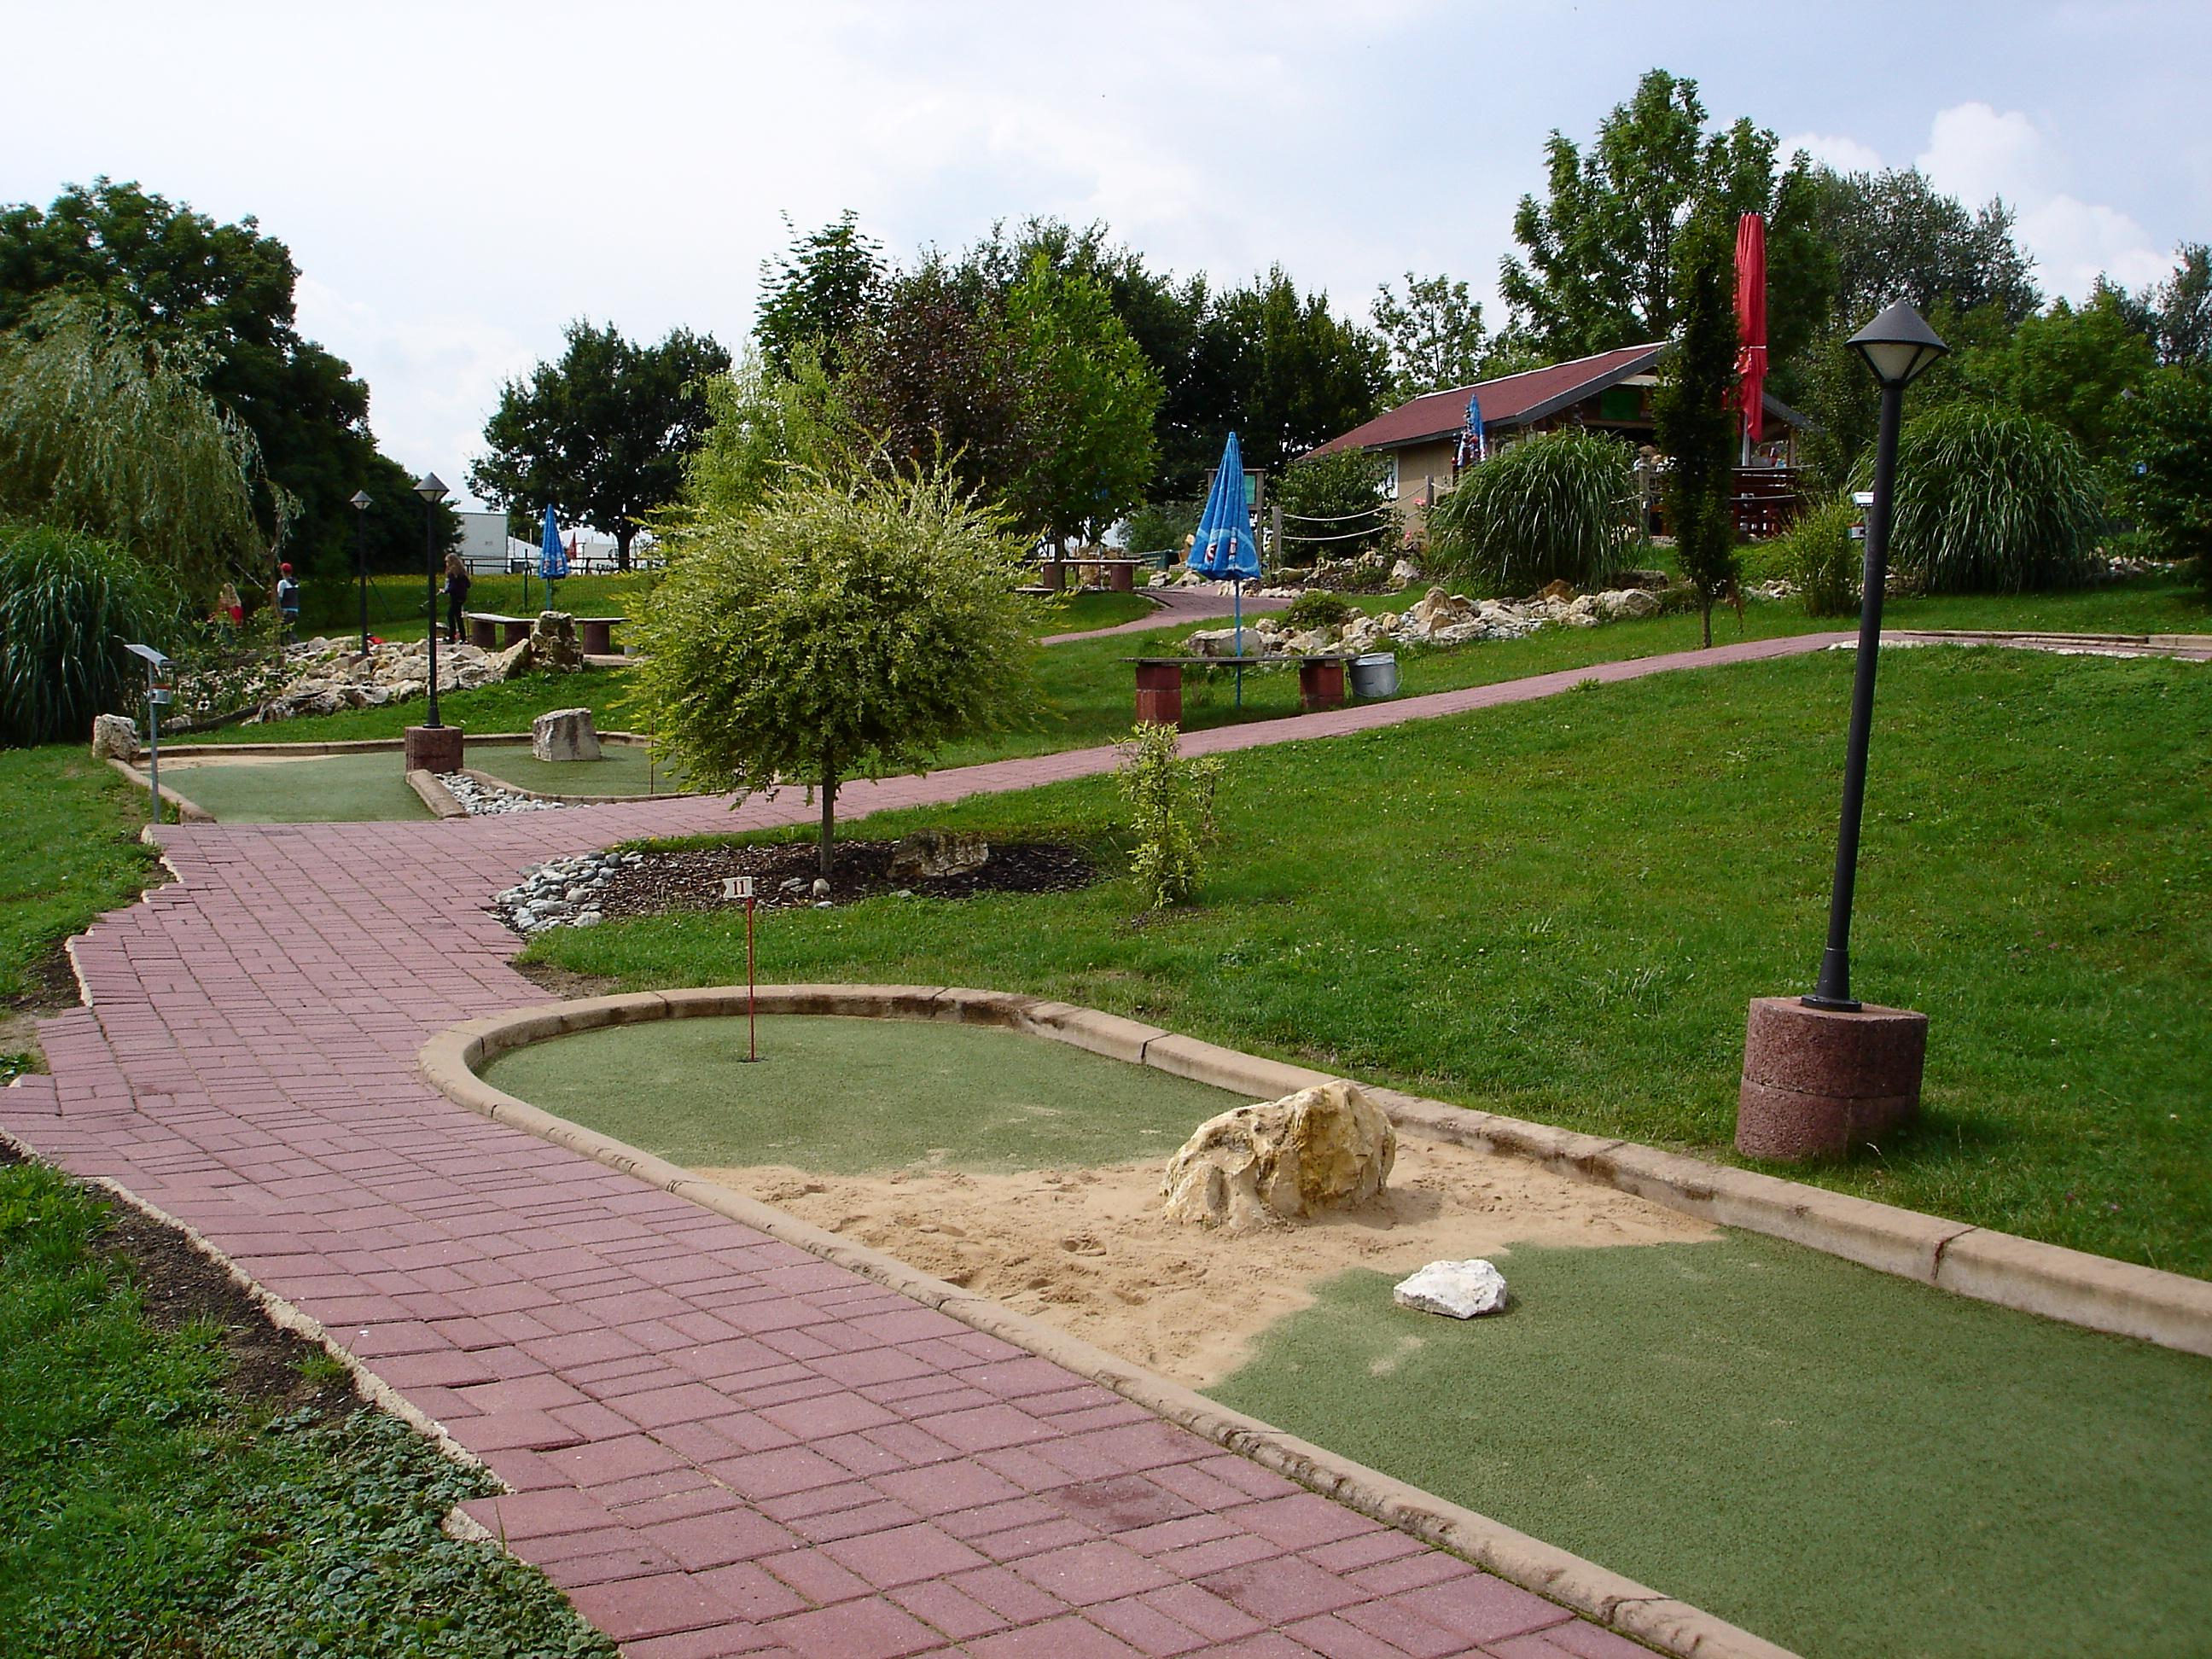 Minigolfplatz am Altmühlsee